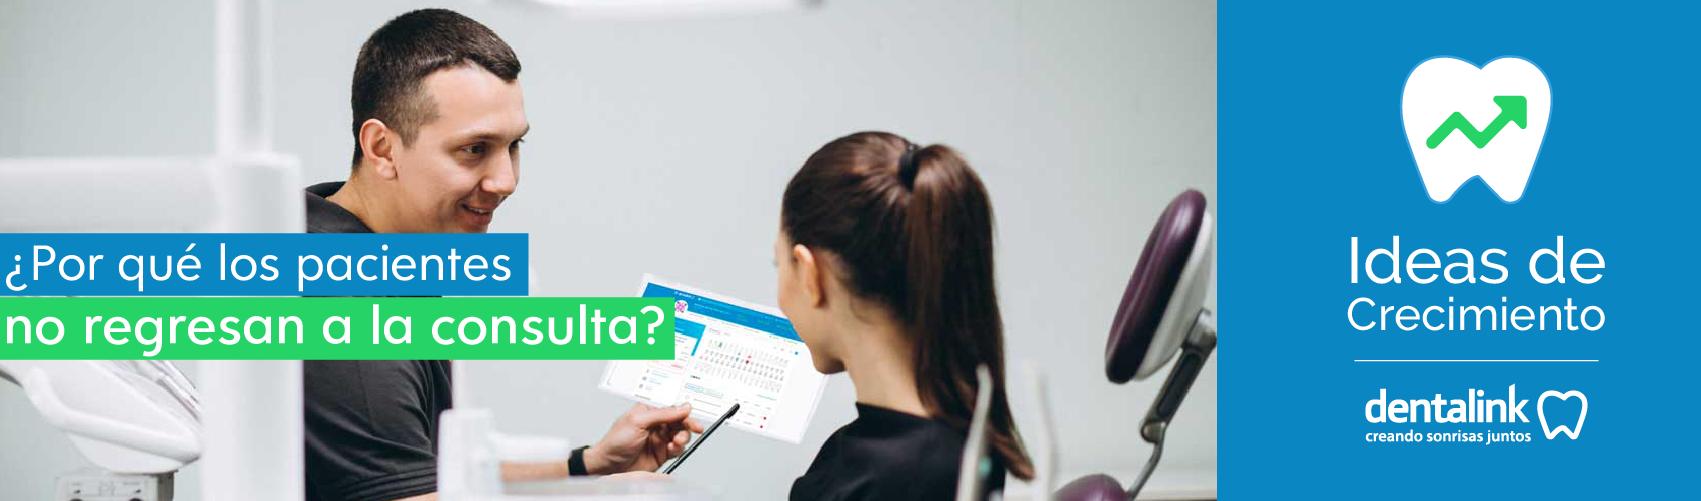 ¿Por qué los pacientes no regresan a la consulta?